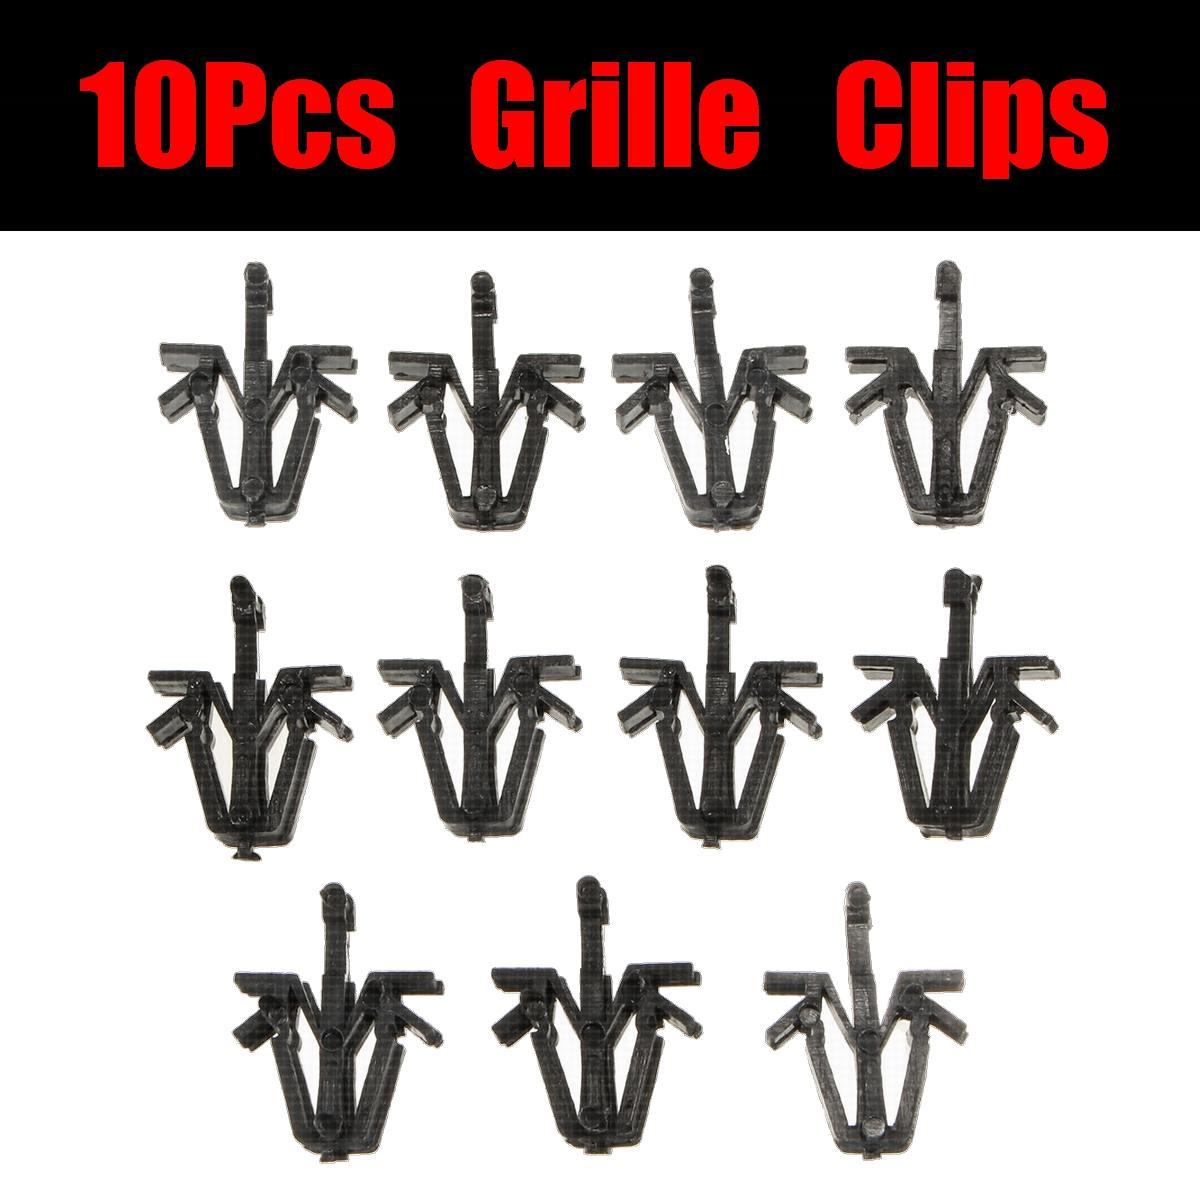 10pcs Brand New 10pcs Radiator Grille Rivet Retainer Grill Clips Nylon For Toyota 4 Runner Pickup RAV4 Tacoma 9046712040